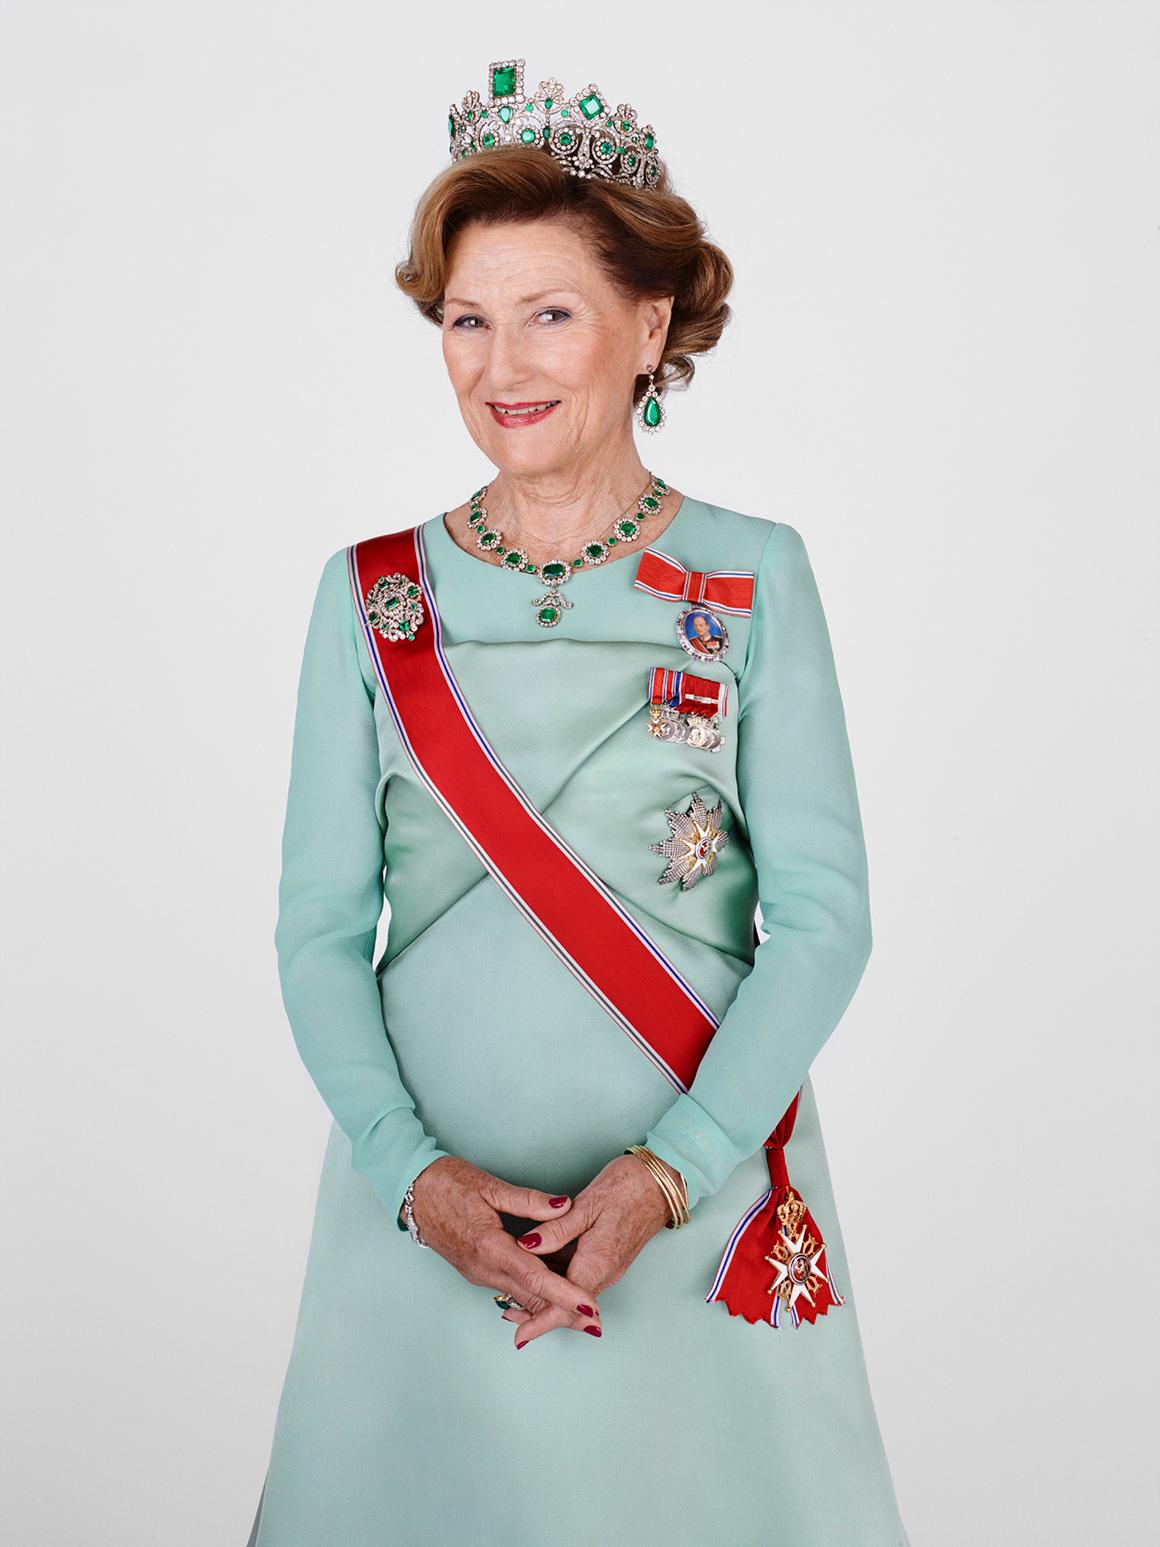 queen - photo #23